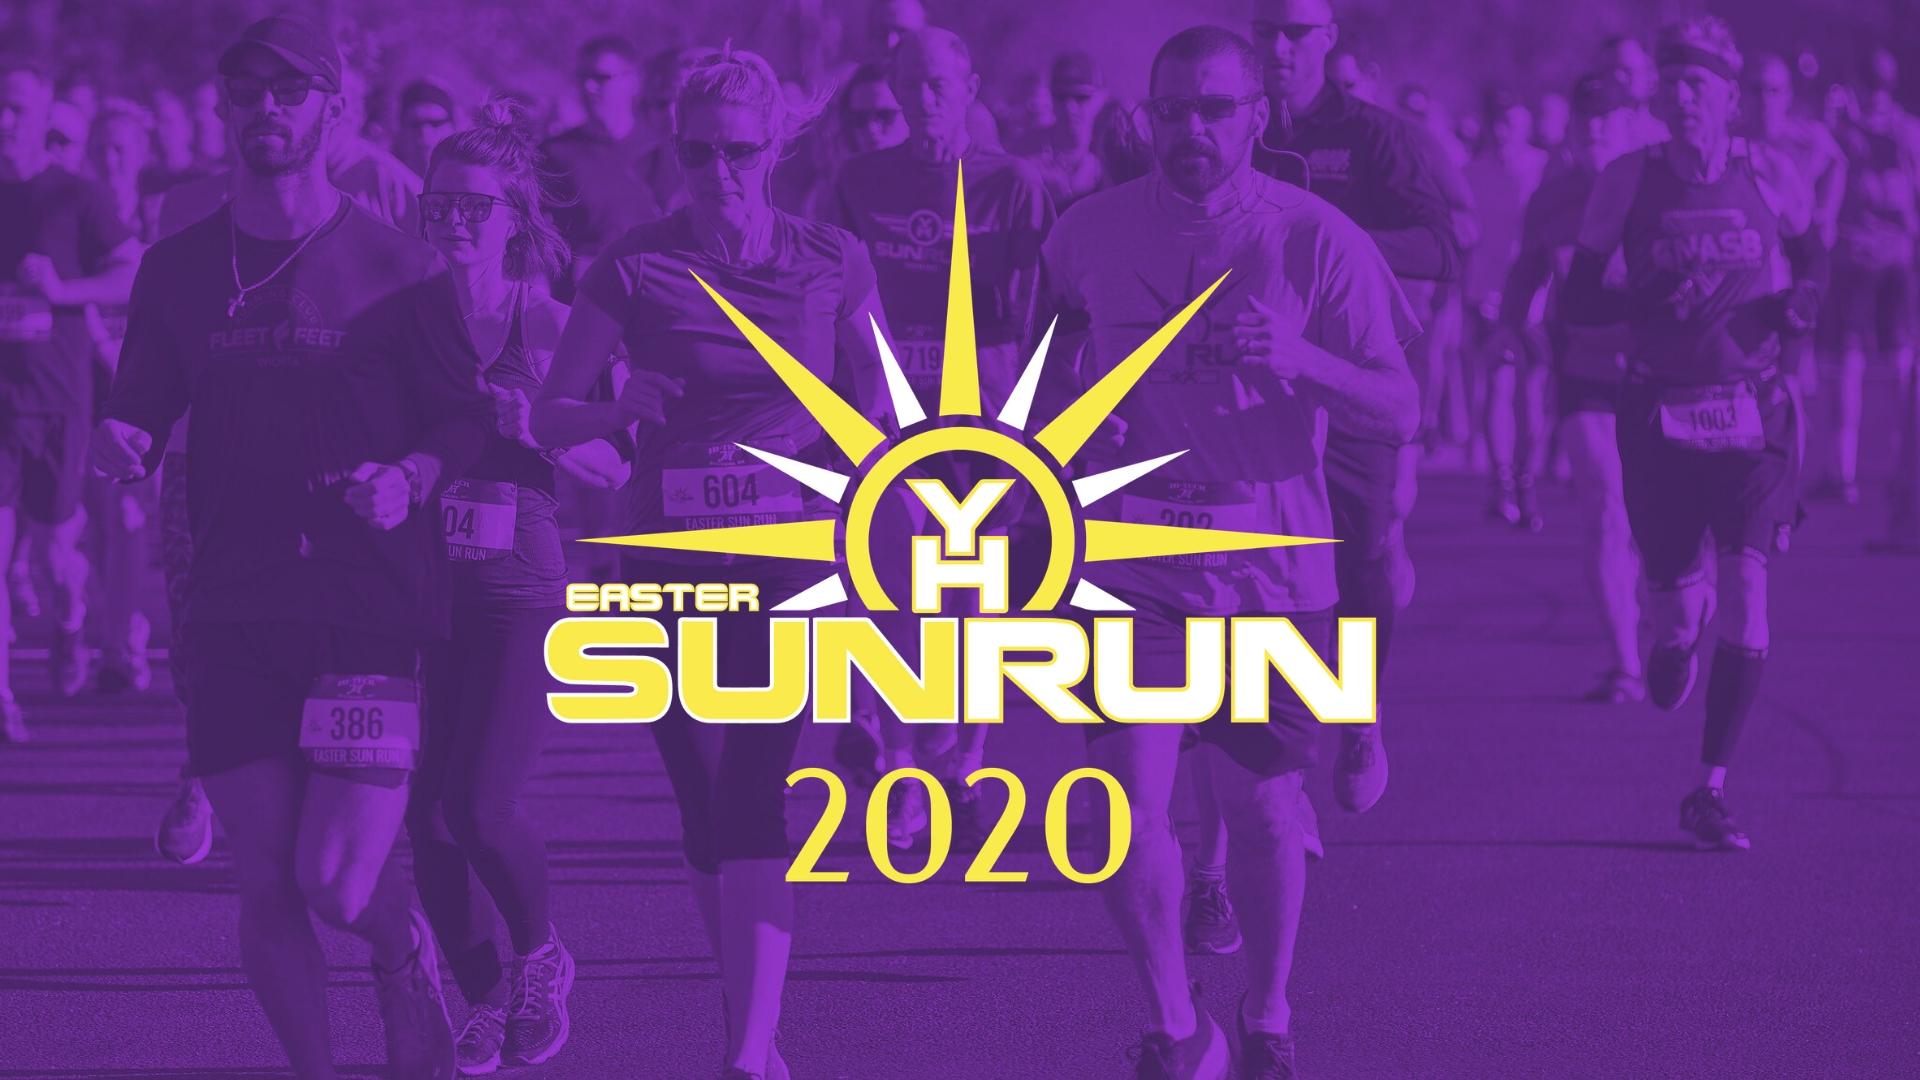 Easter Sun Run 2020